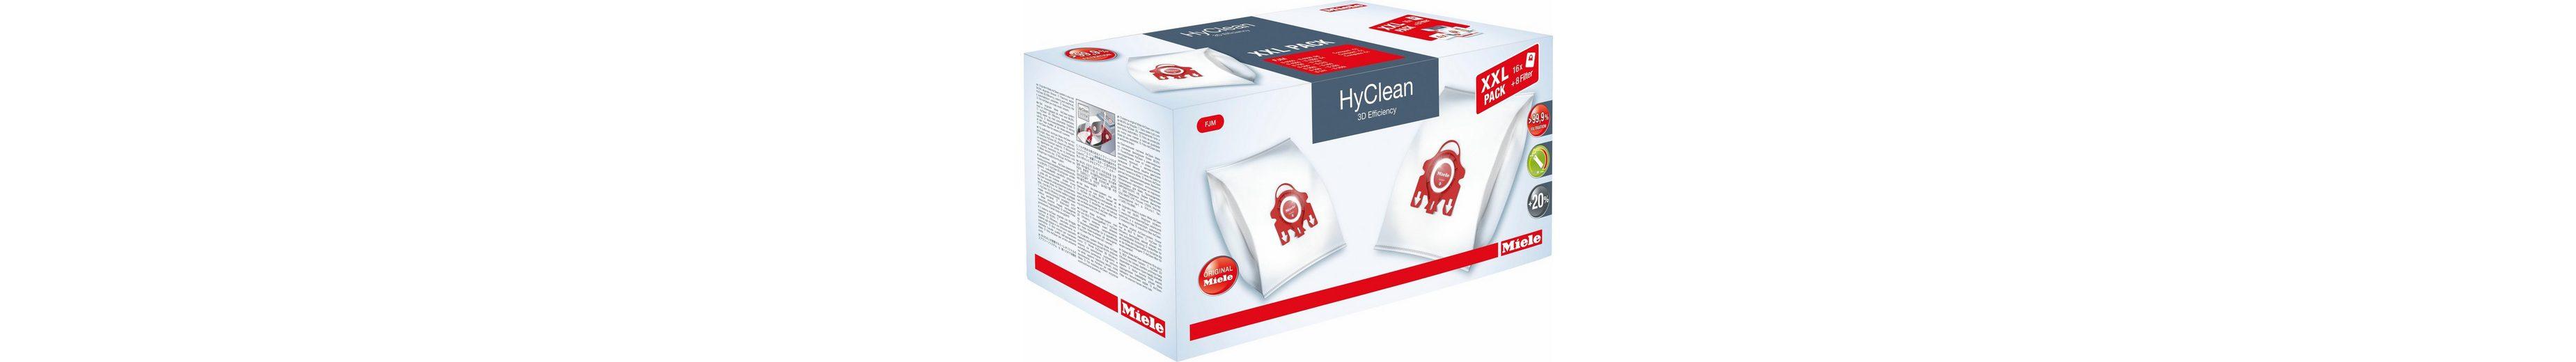 Miele Staubbeutel HyClean 3D Efficiency FJM XXL Pack